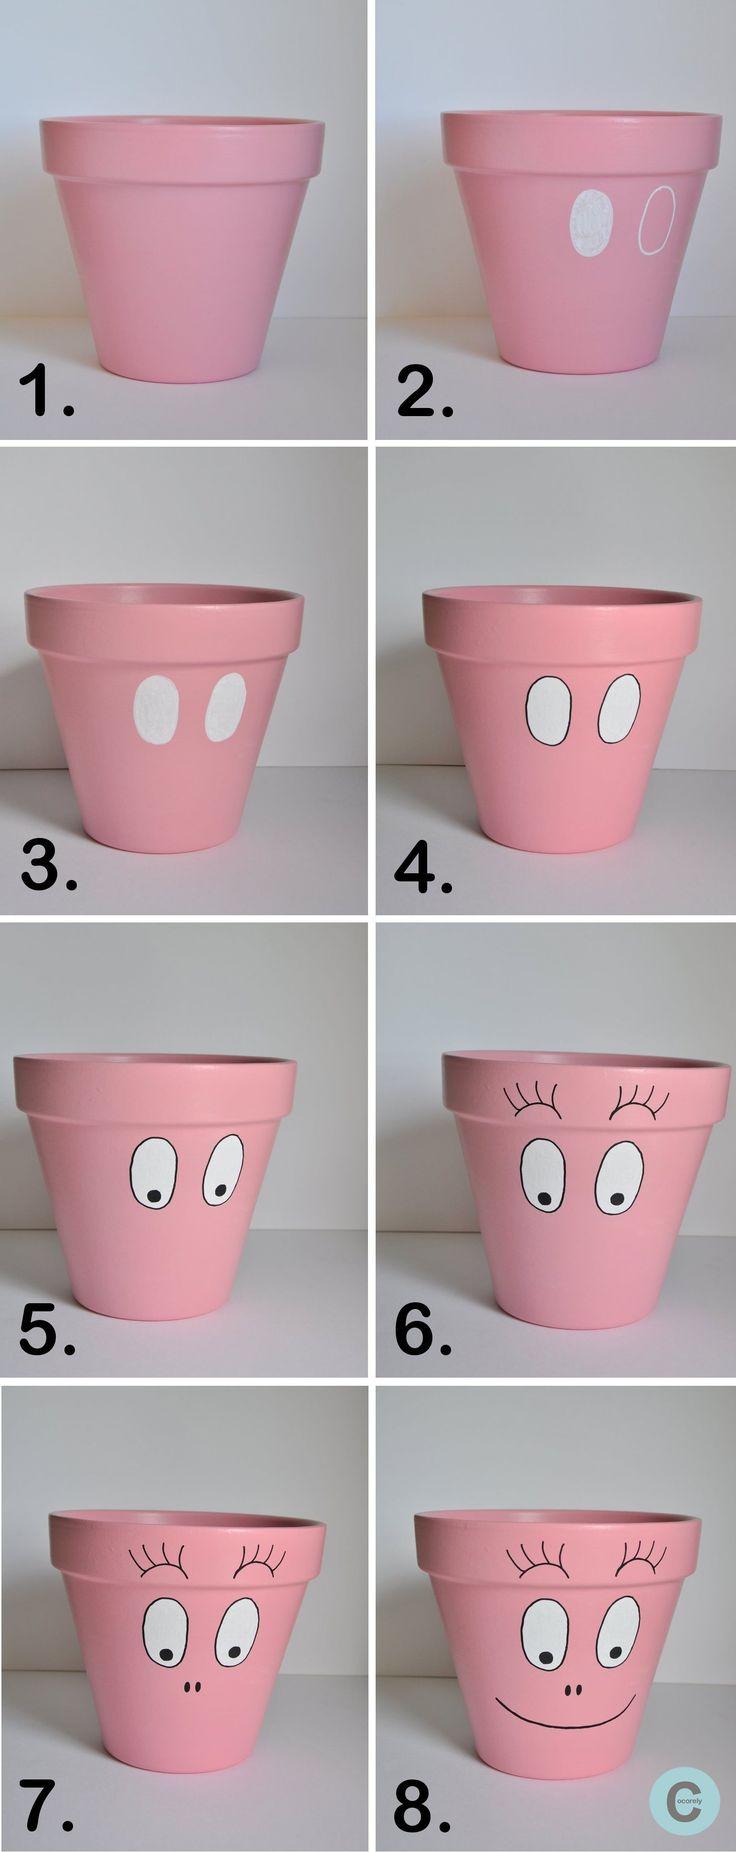 Tuto kids : des pots customisés en personnages - Loisirs créatifs